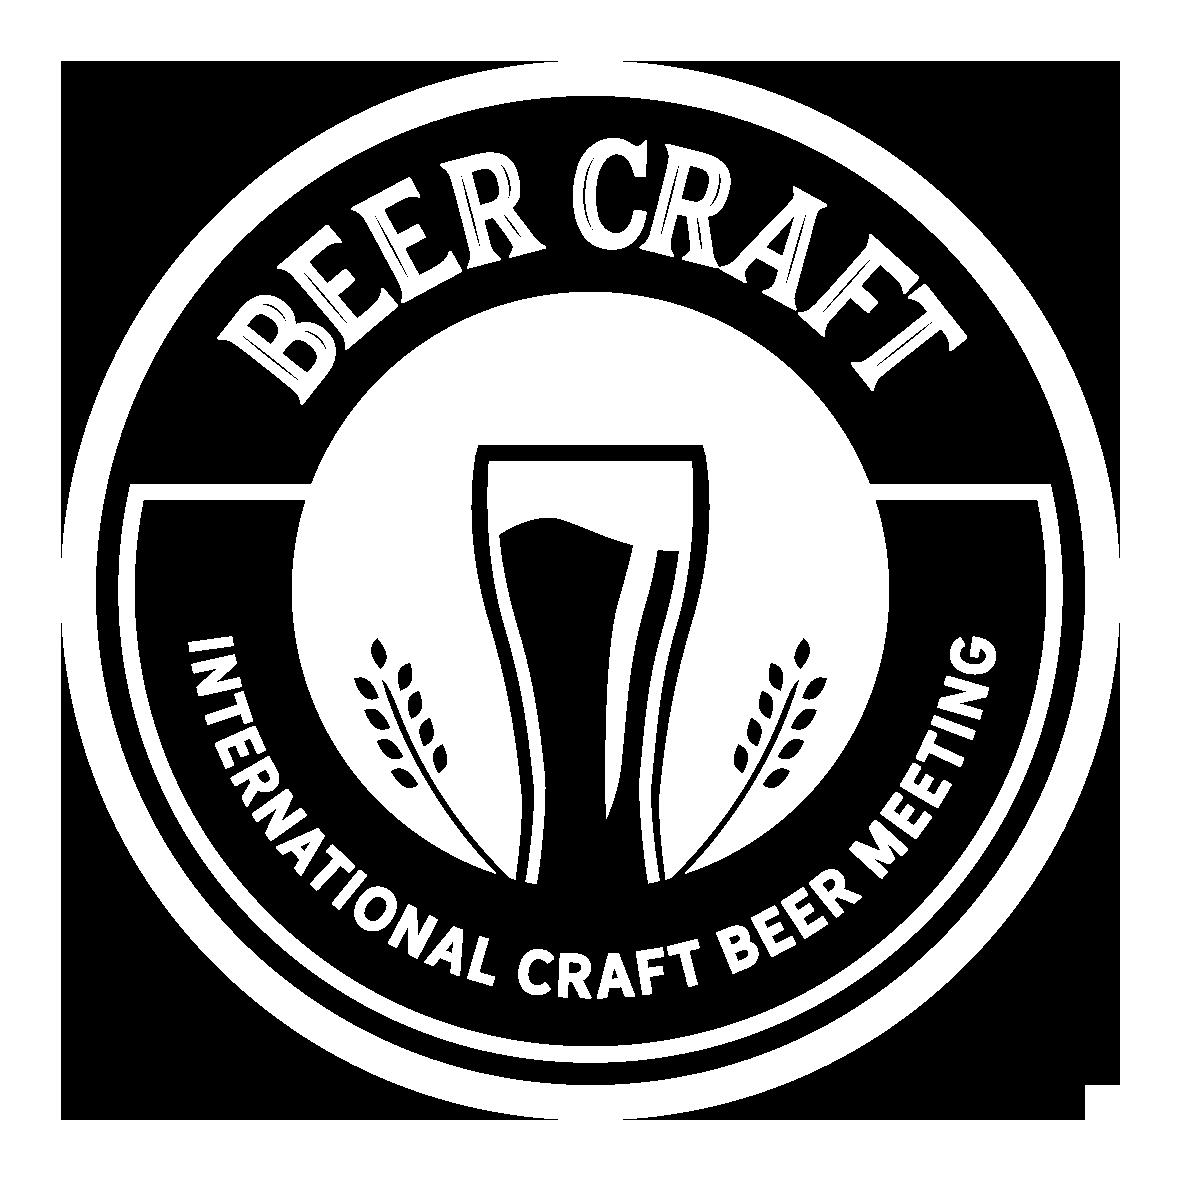 LN_BeerCraft_Logo-weiss_Update_01-2018